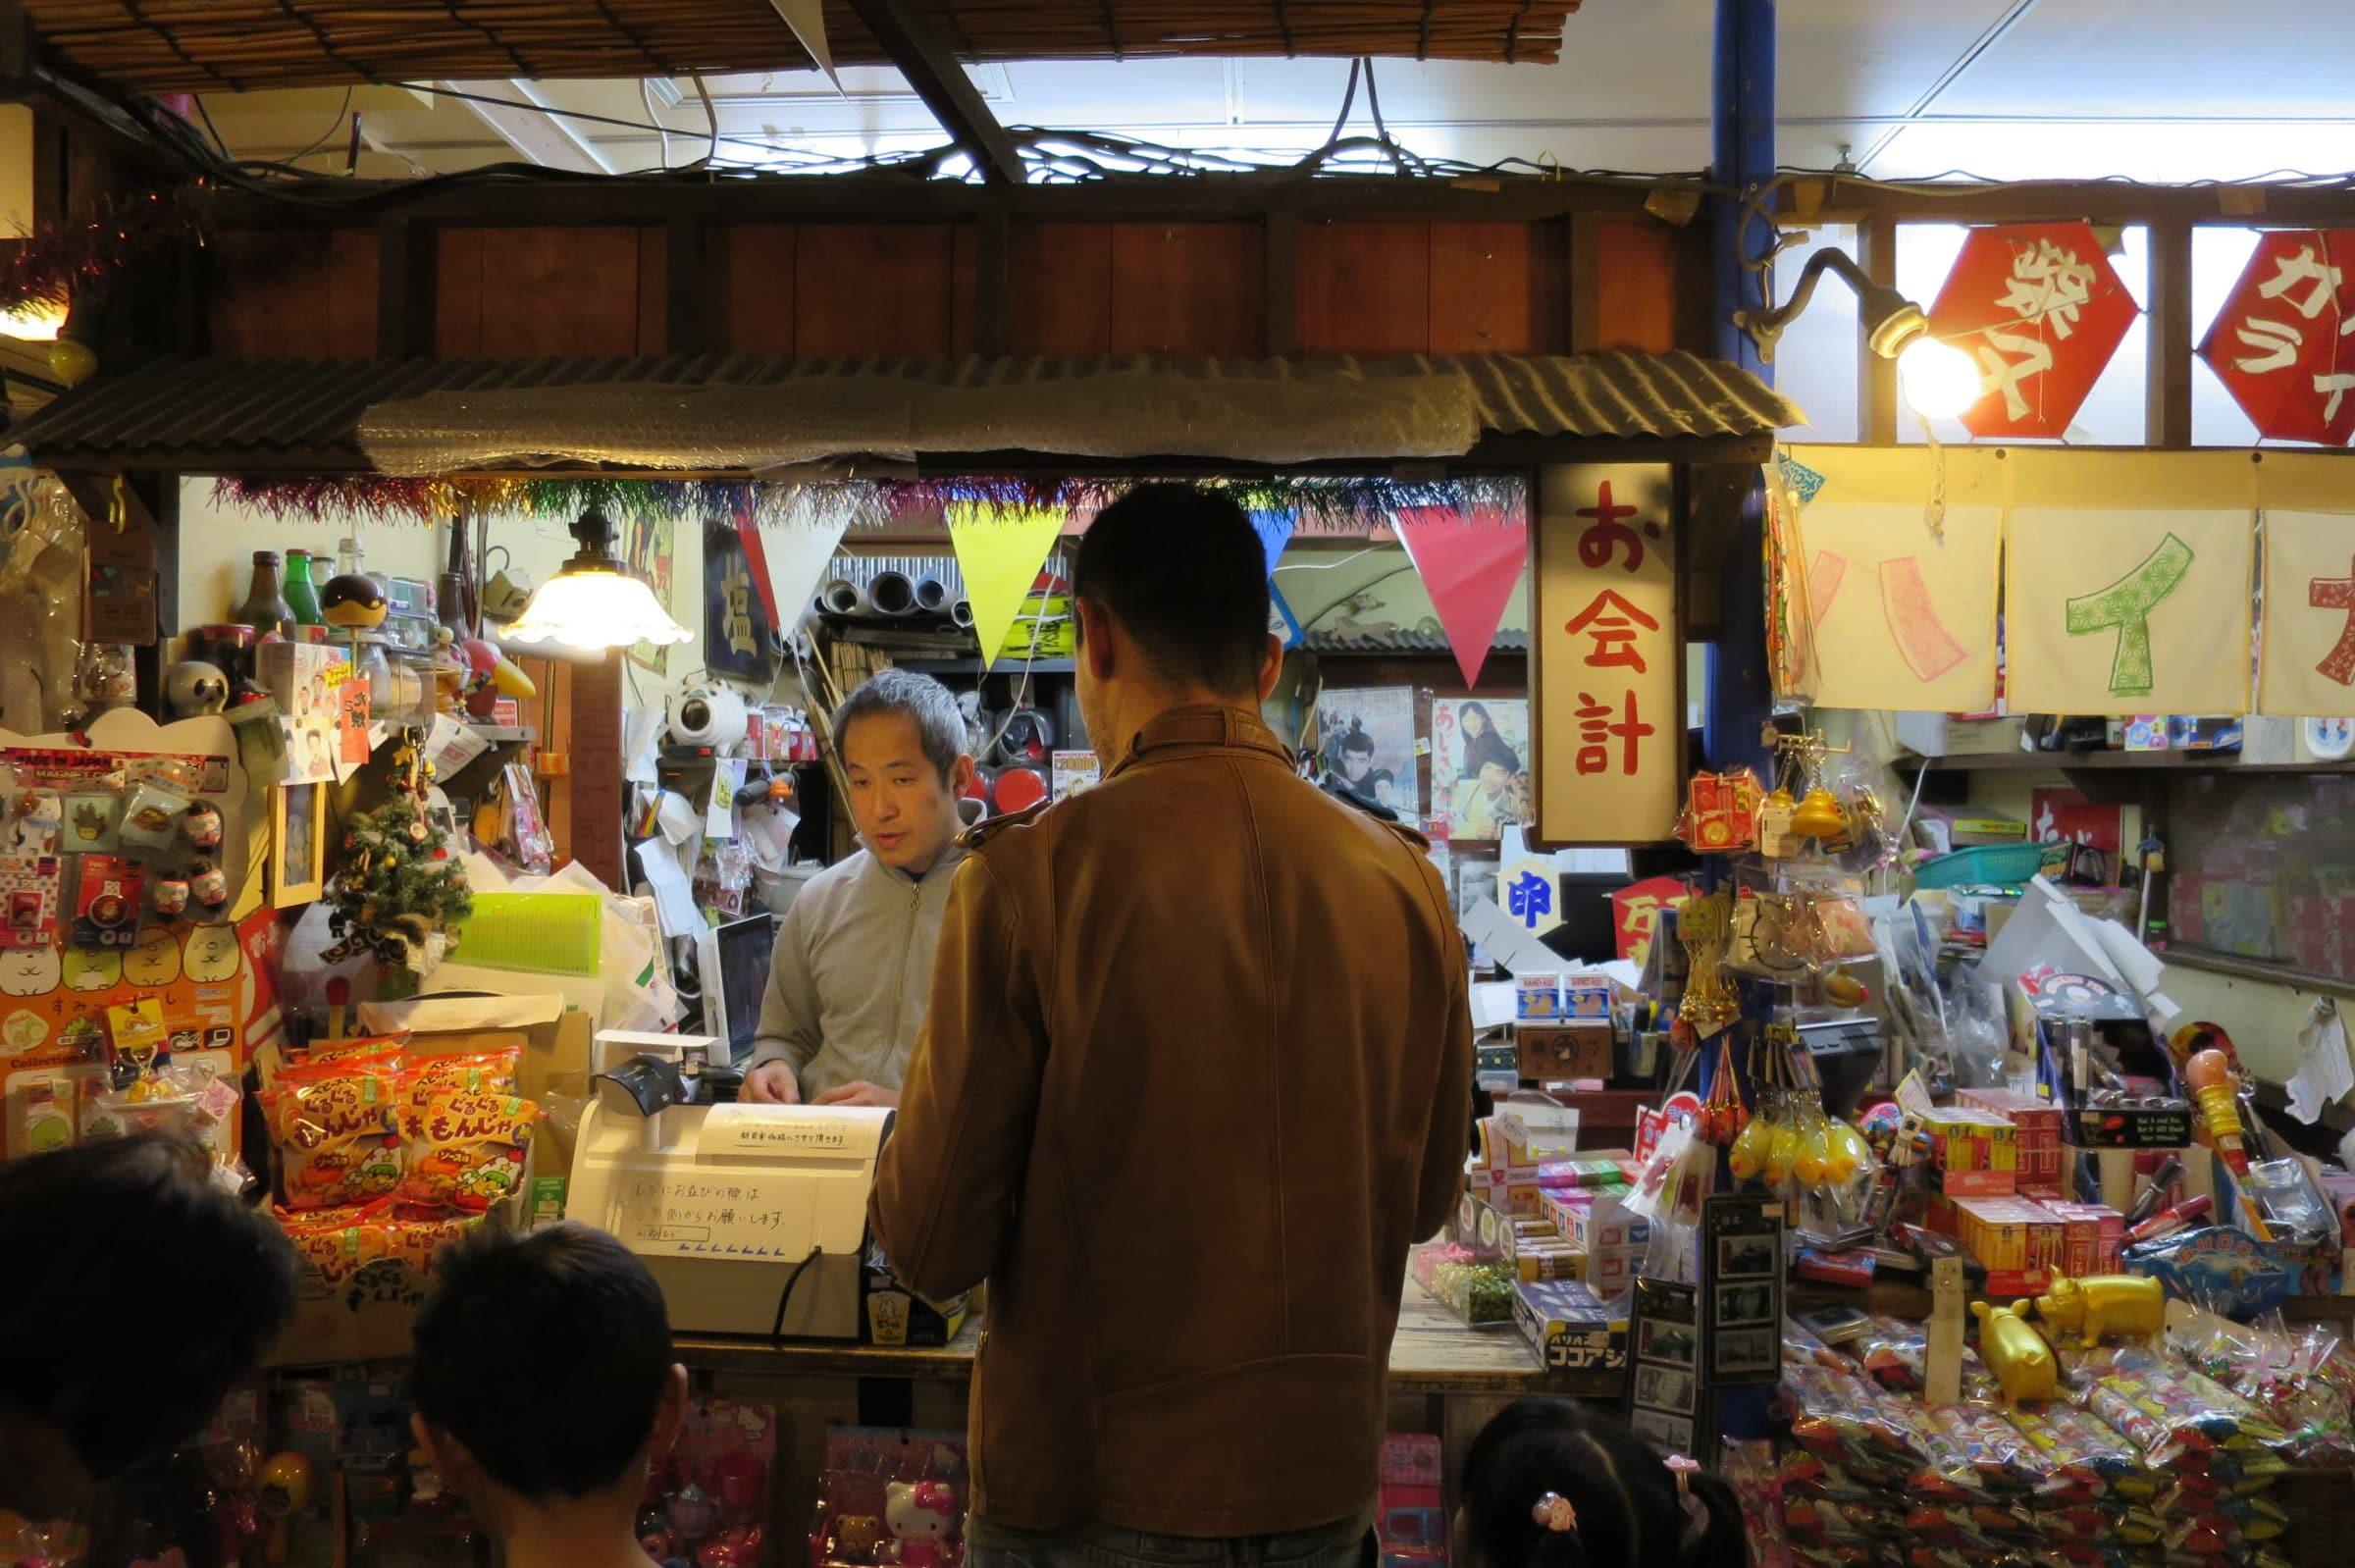 【東京景點】昭和復古風情!電影「男人真命苦」柴又老街半日散策